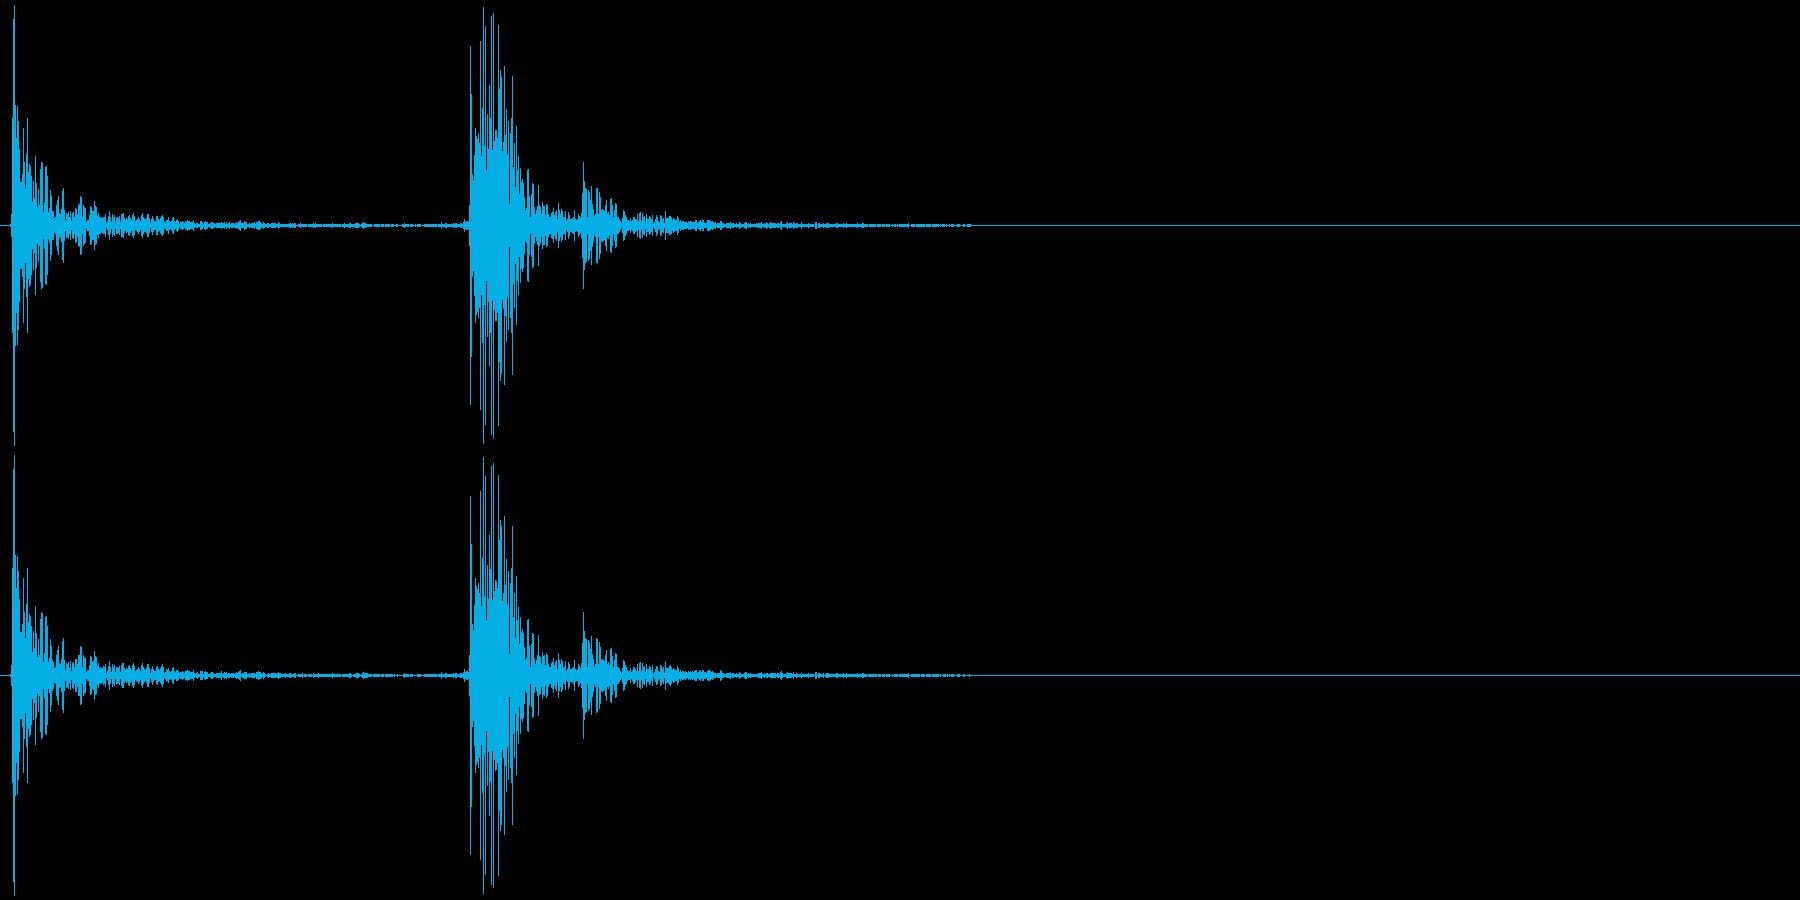 カタッ カチャッ パタッ 物を置く音の再生済みの波形